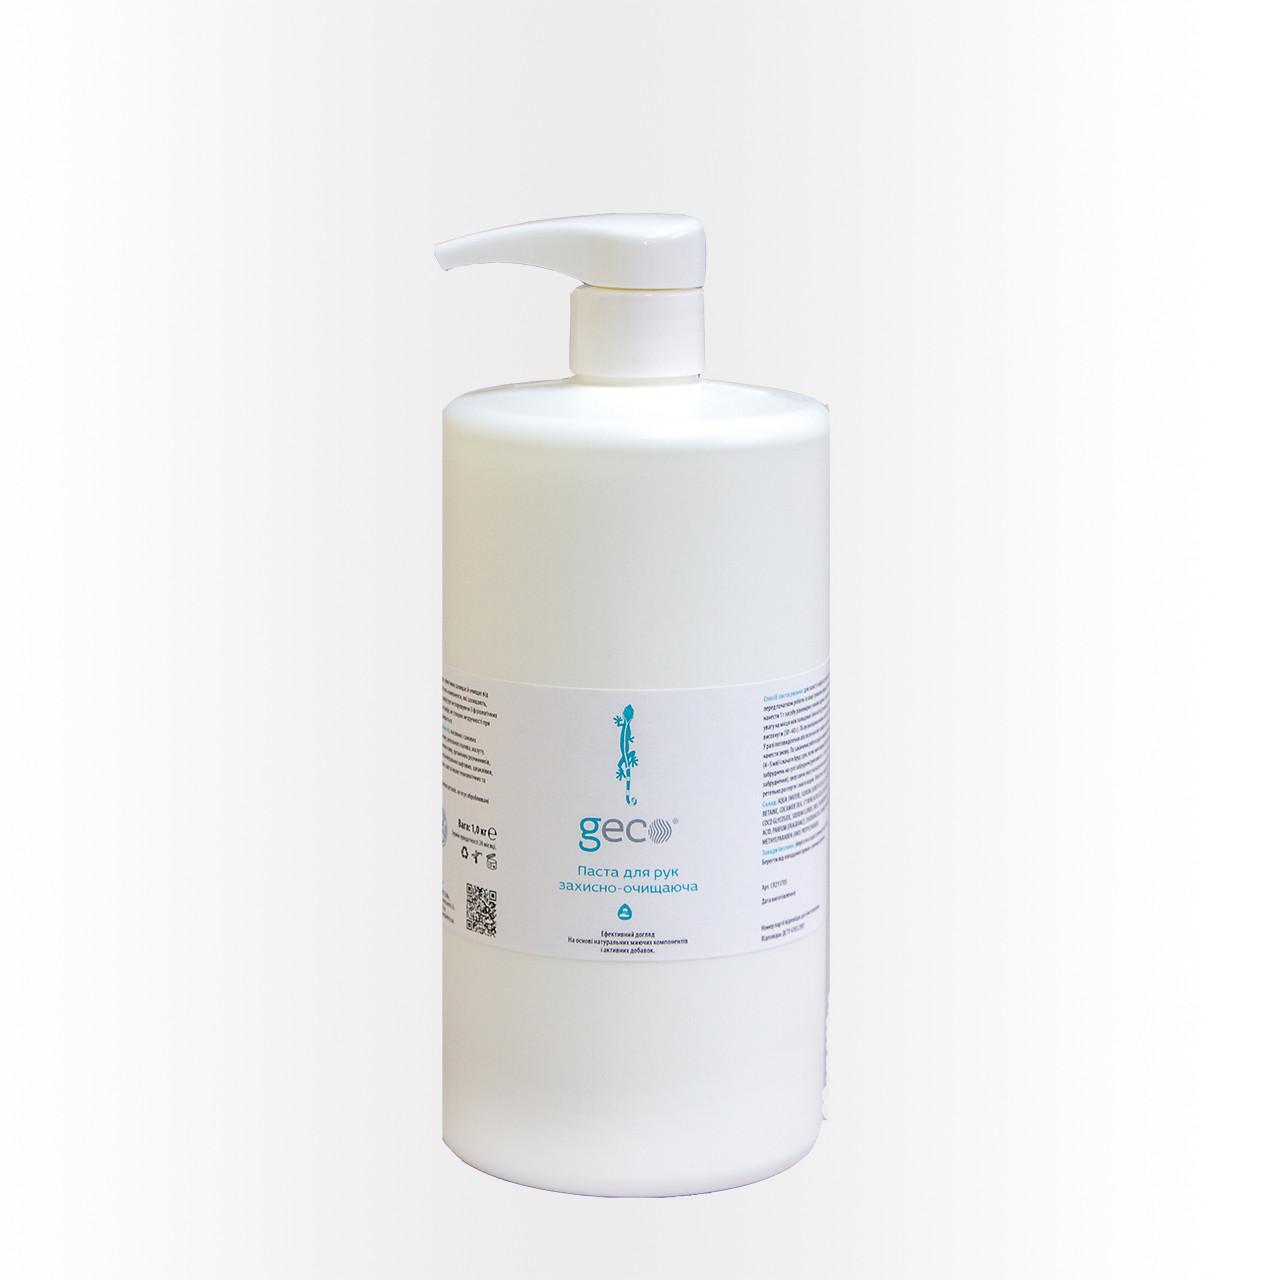 Защитно очищающий крем-гель GECO, 1 кг(Д)